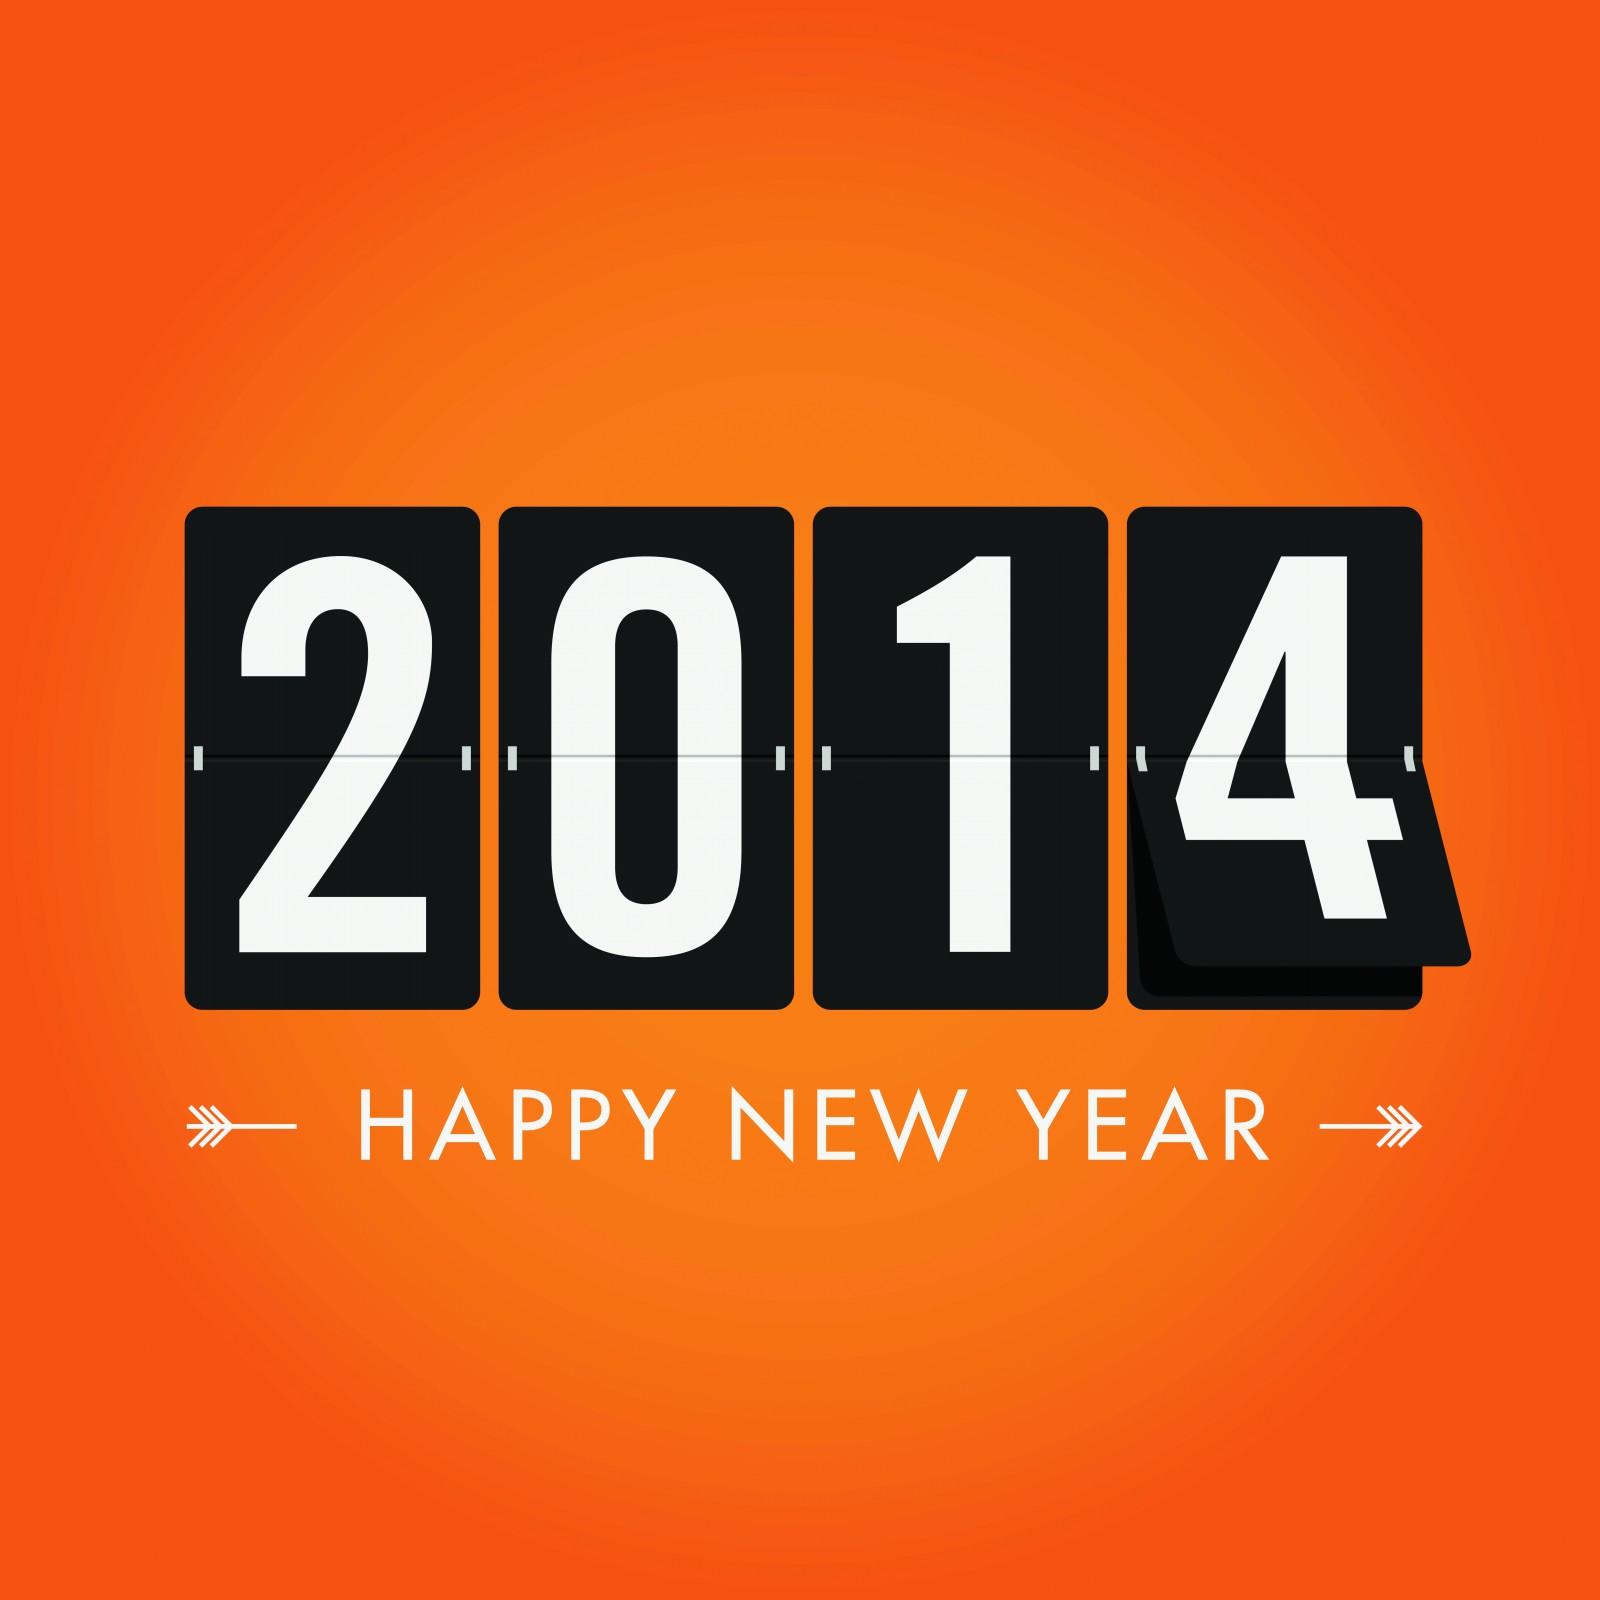 2014 Online Marketing in Riverside